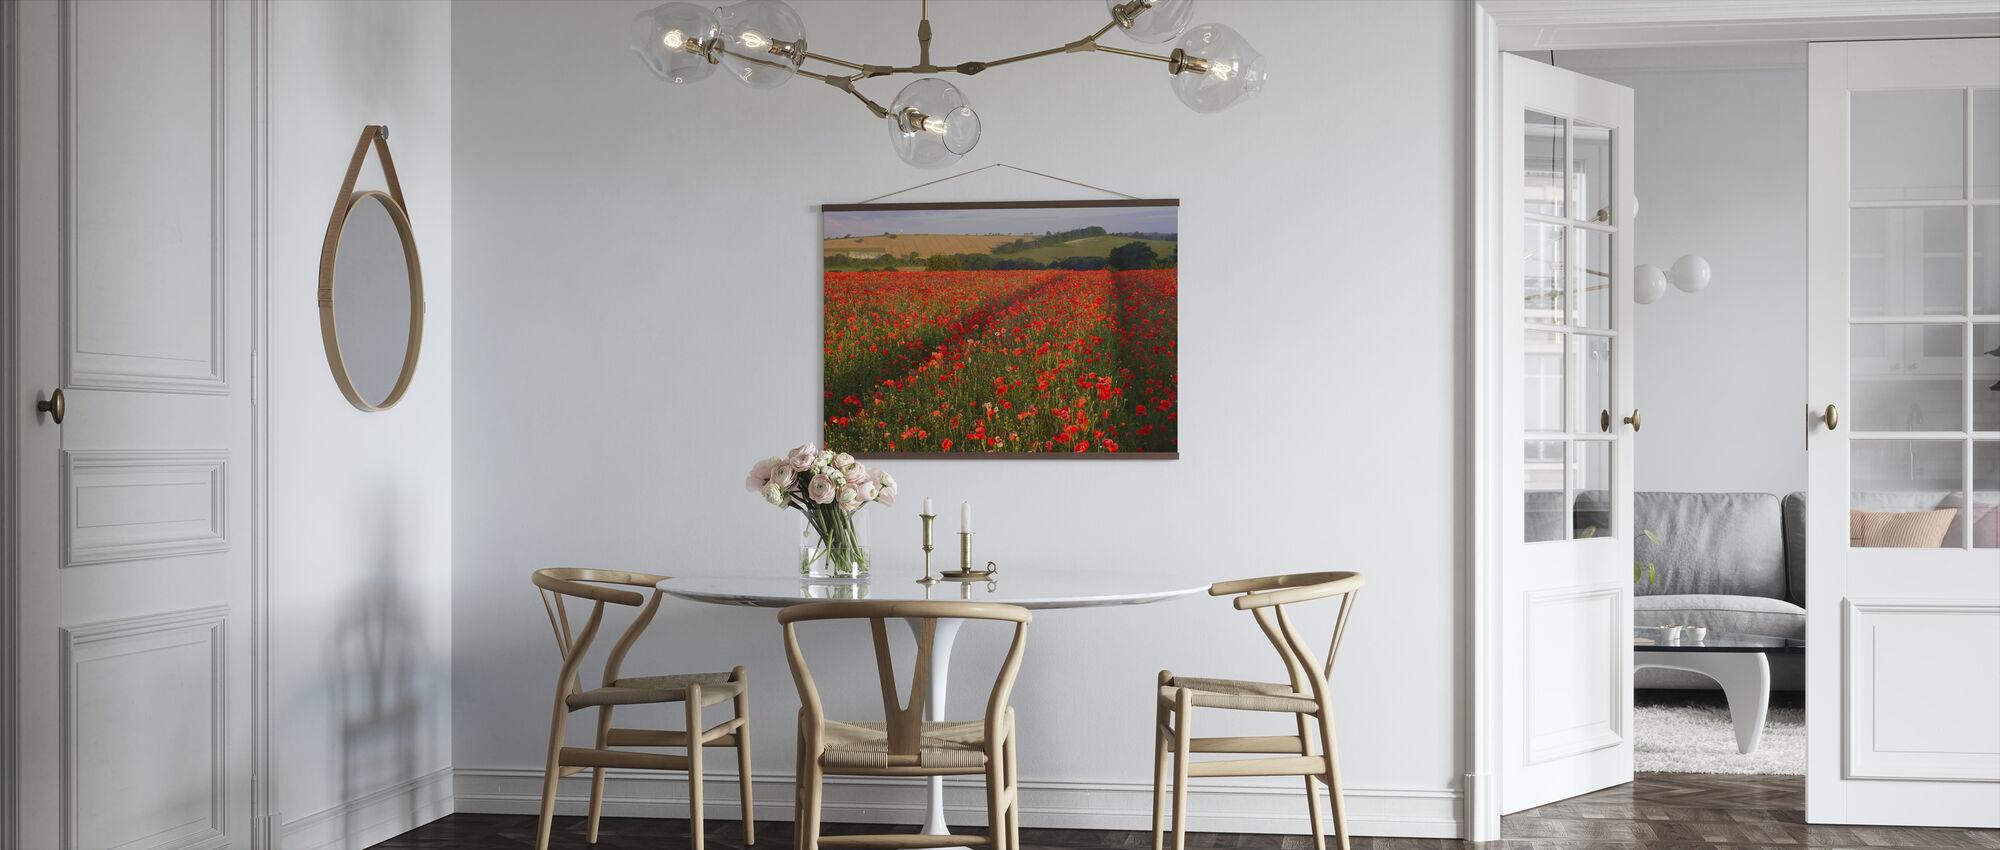 Scarlet Field - Poster - Kitchen